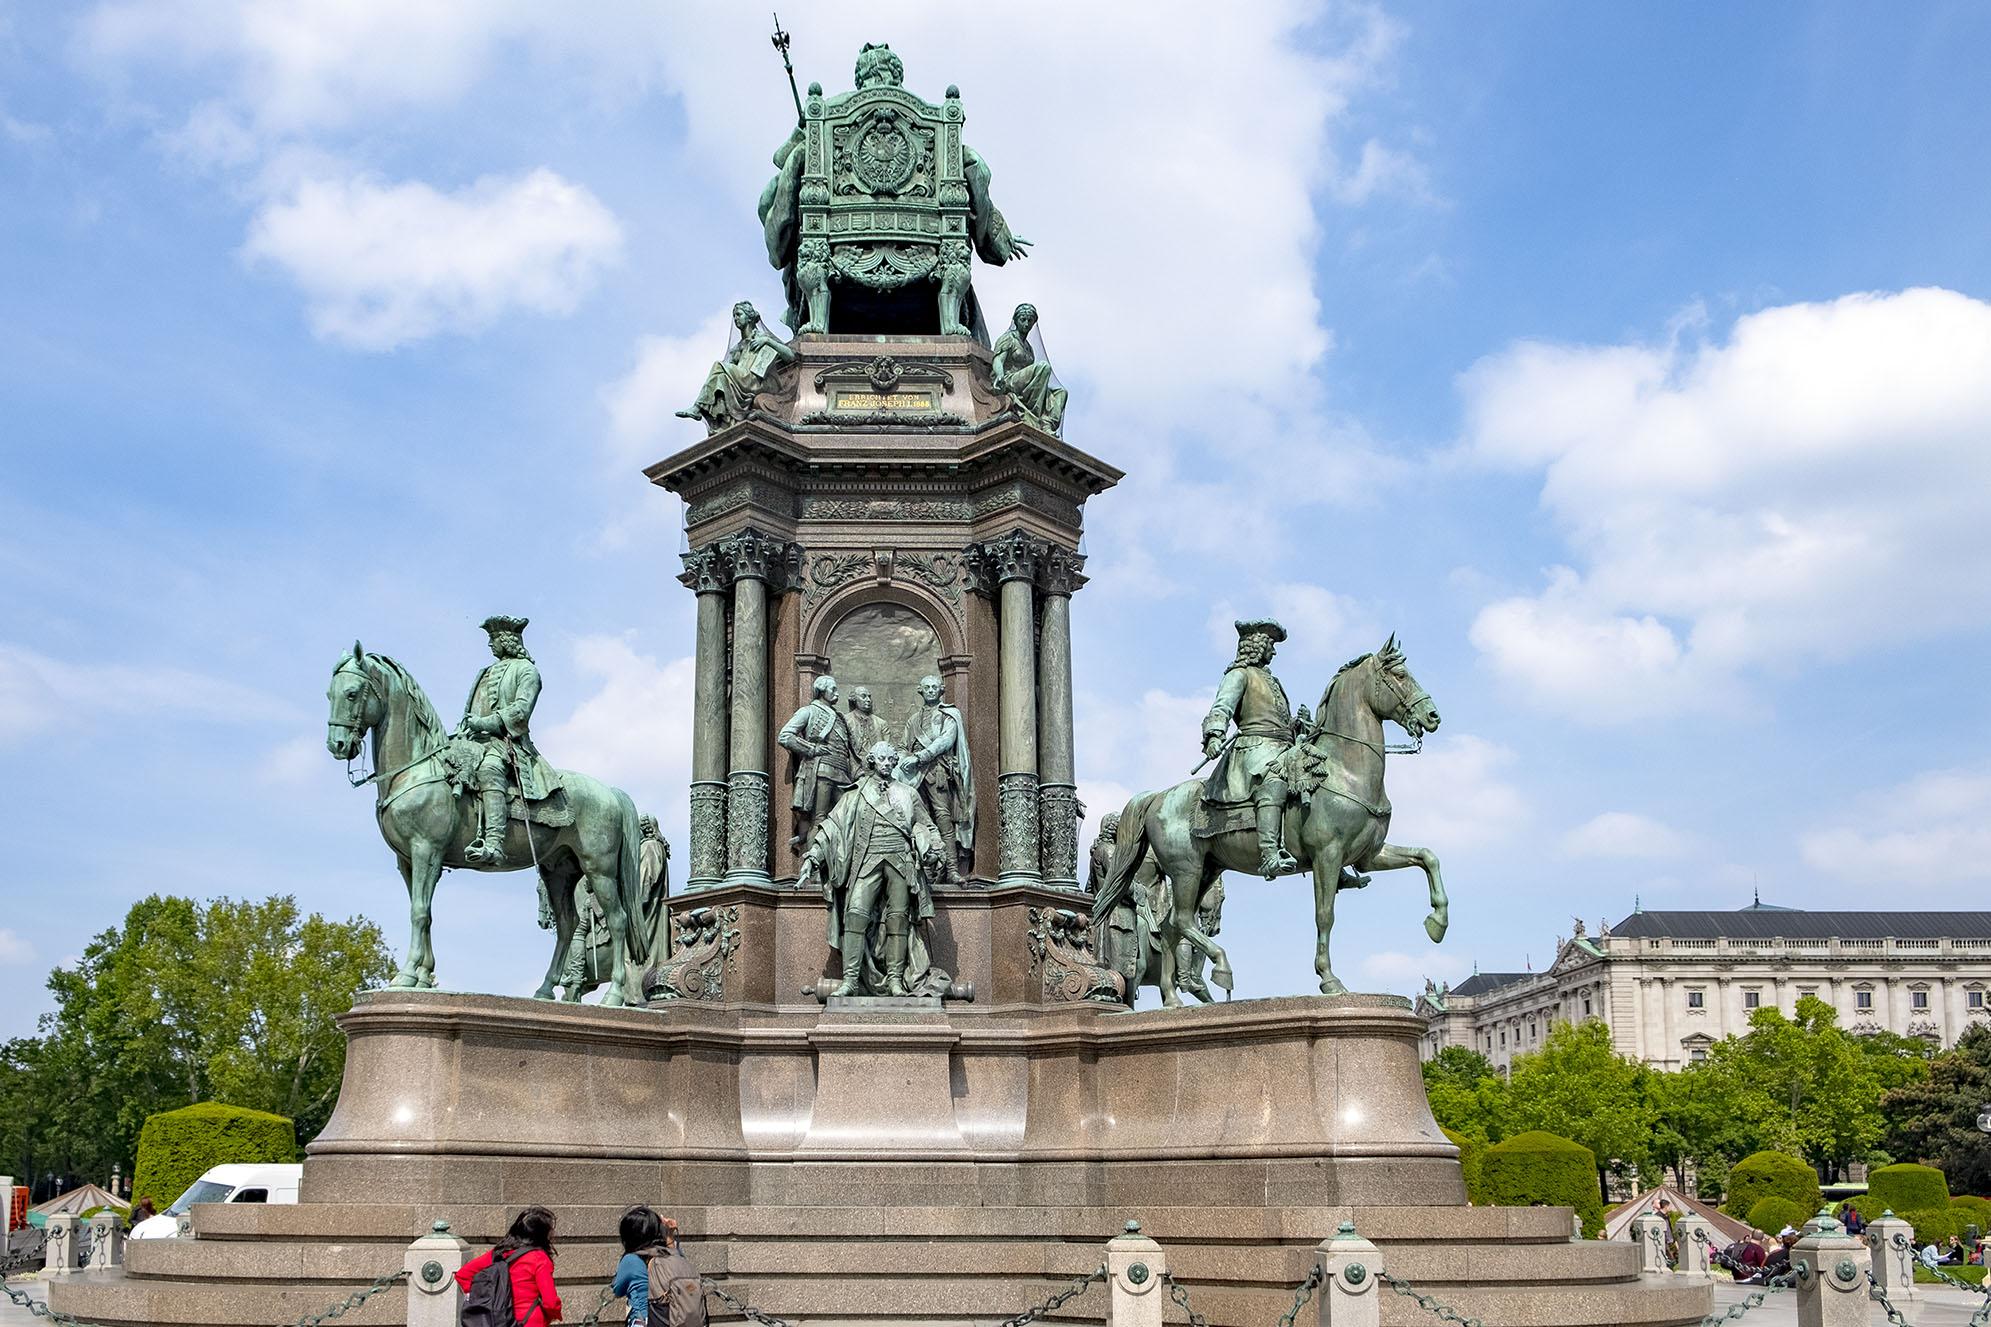 En staty föreställande kejsarinnan Maria Theresa